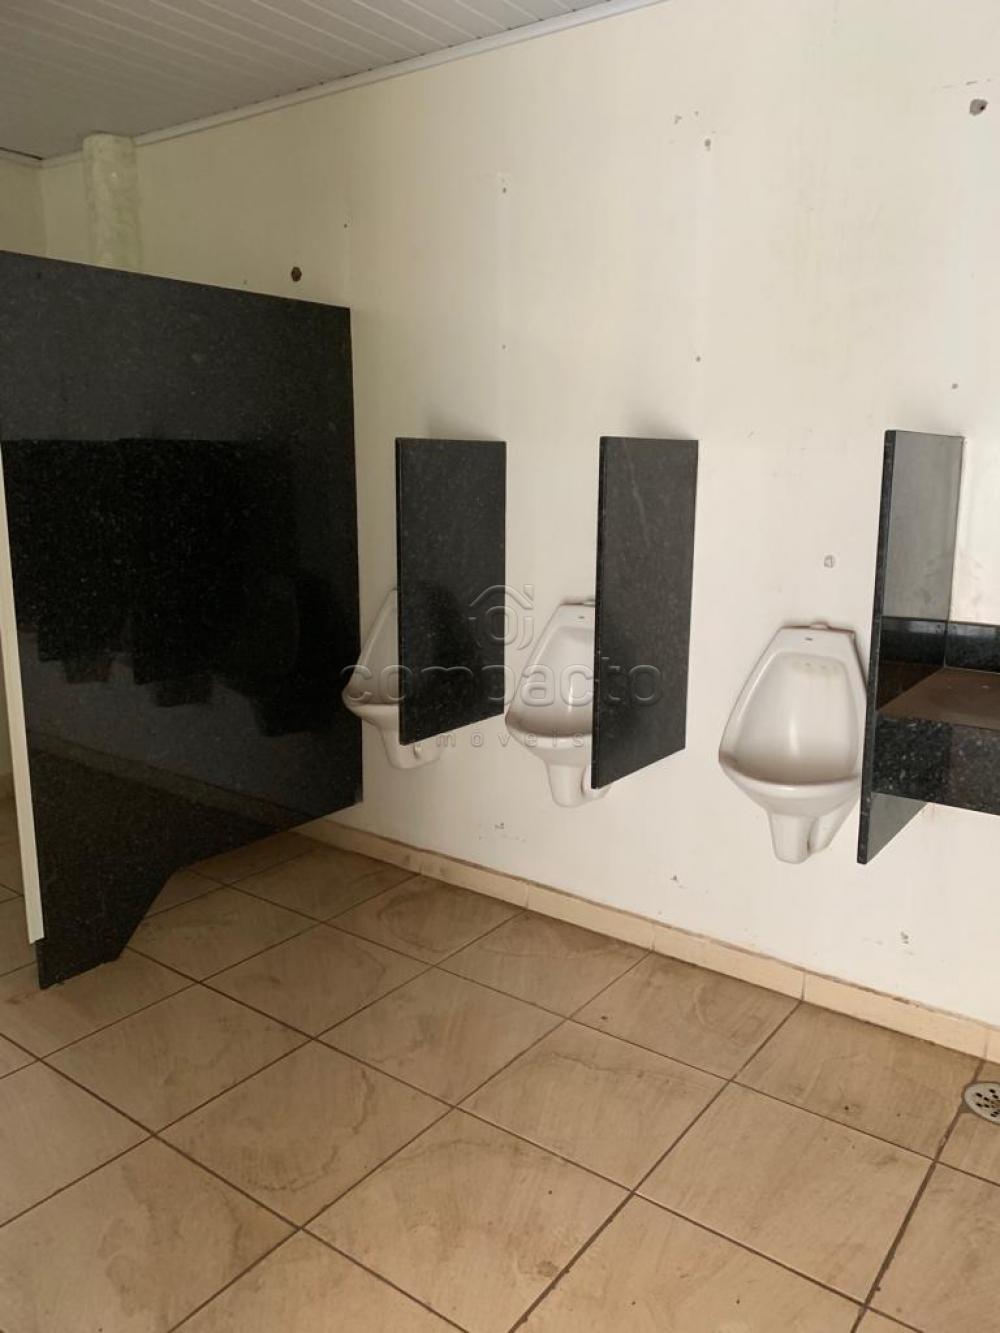 Alugar Comercial / Casa em São José do Rio Preto apenas R$ 7.000,00 - Foto 10